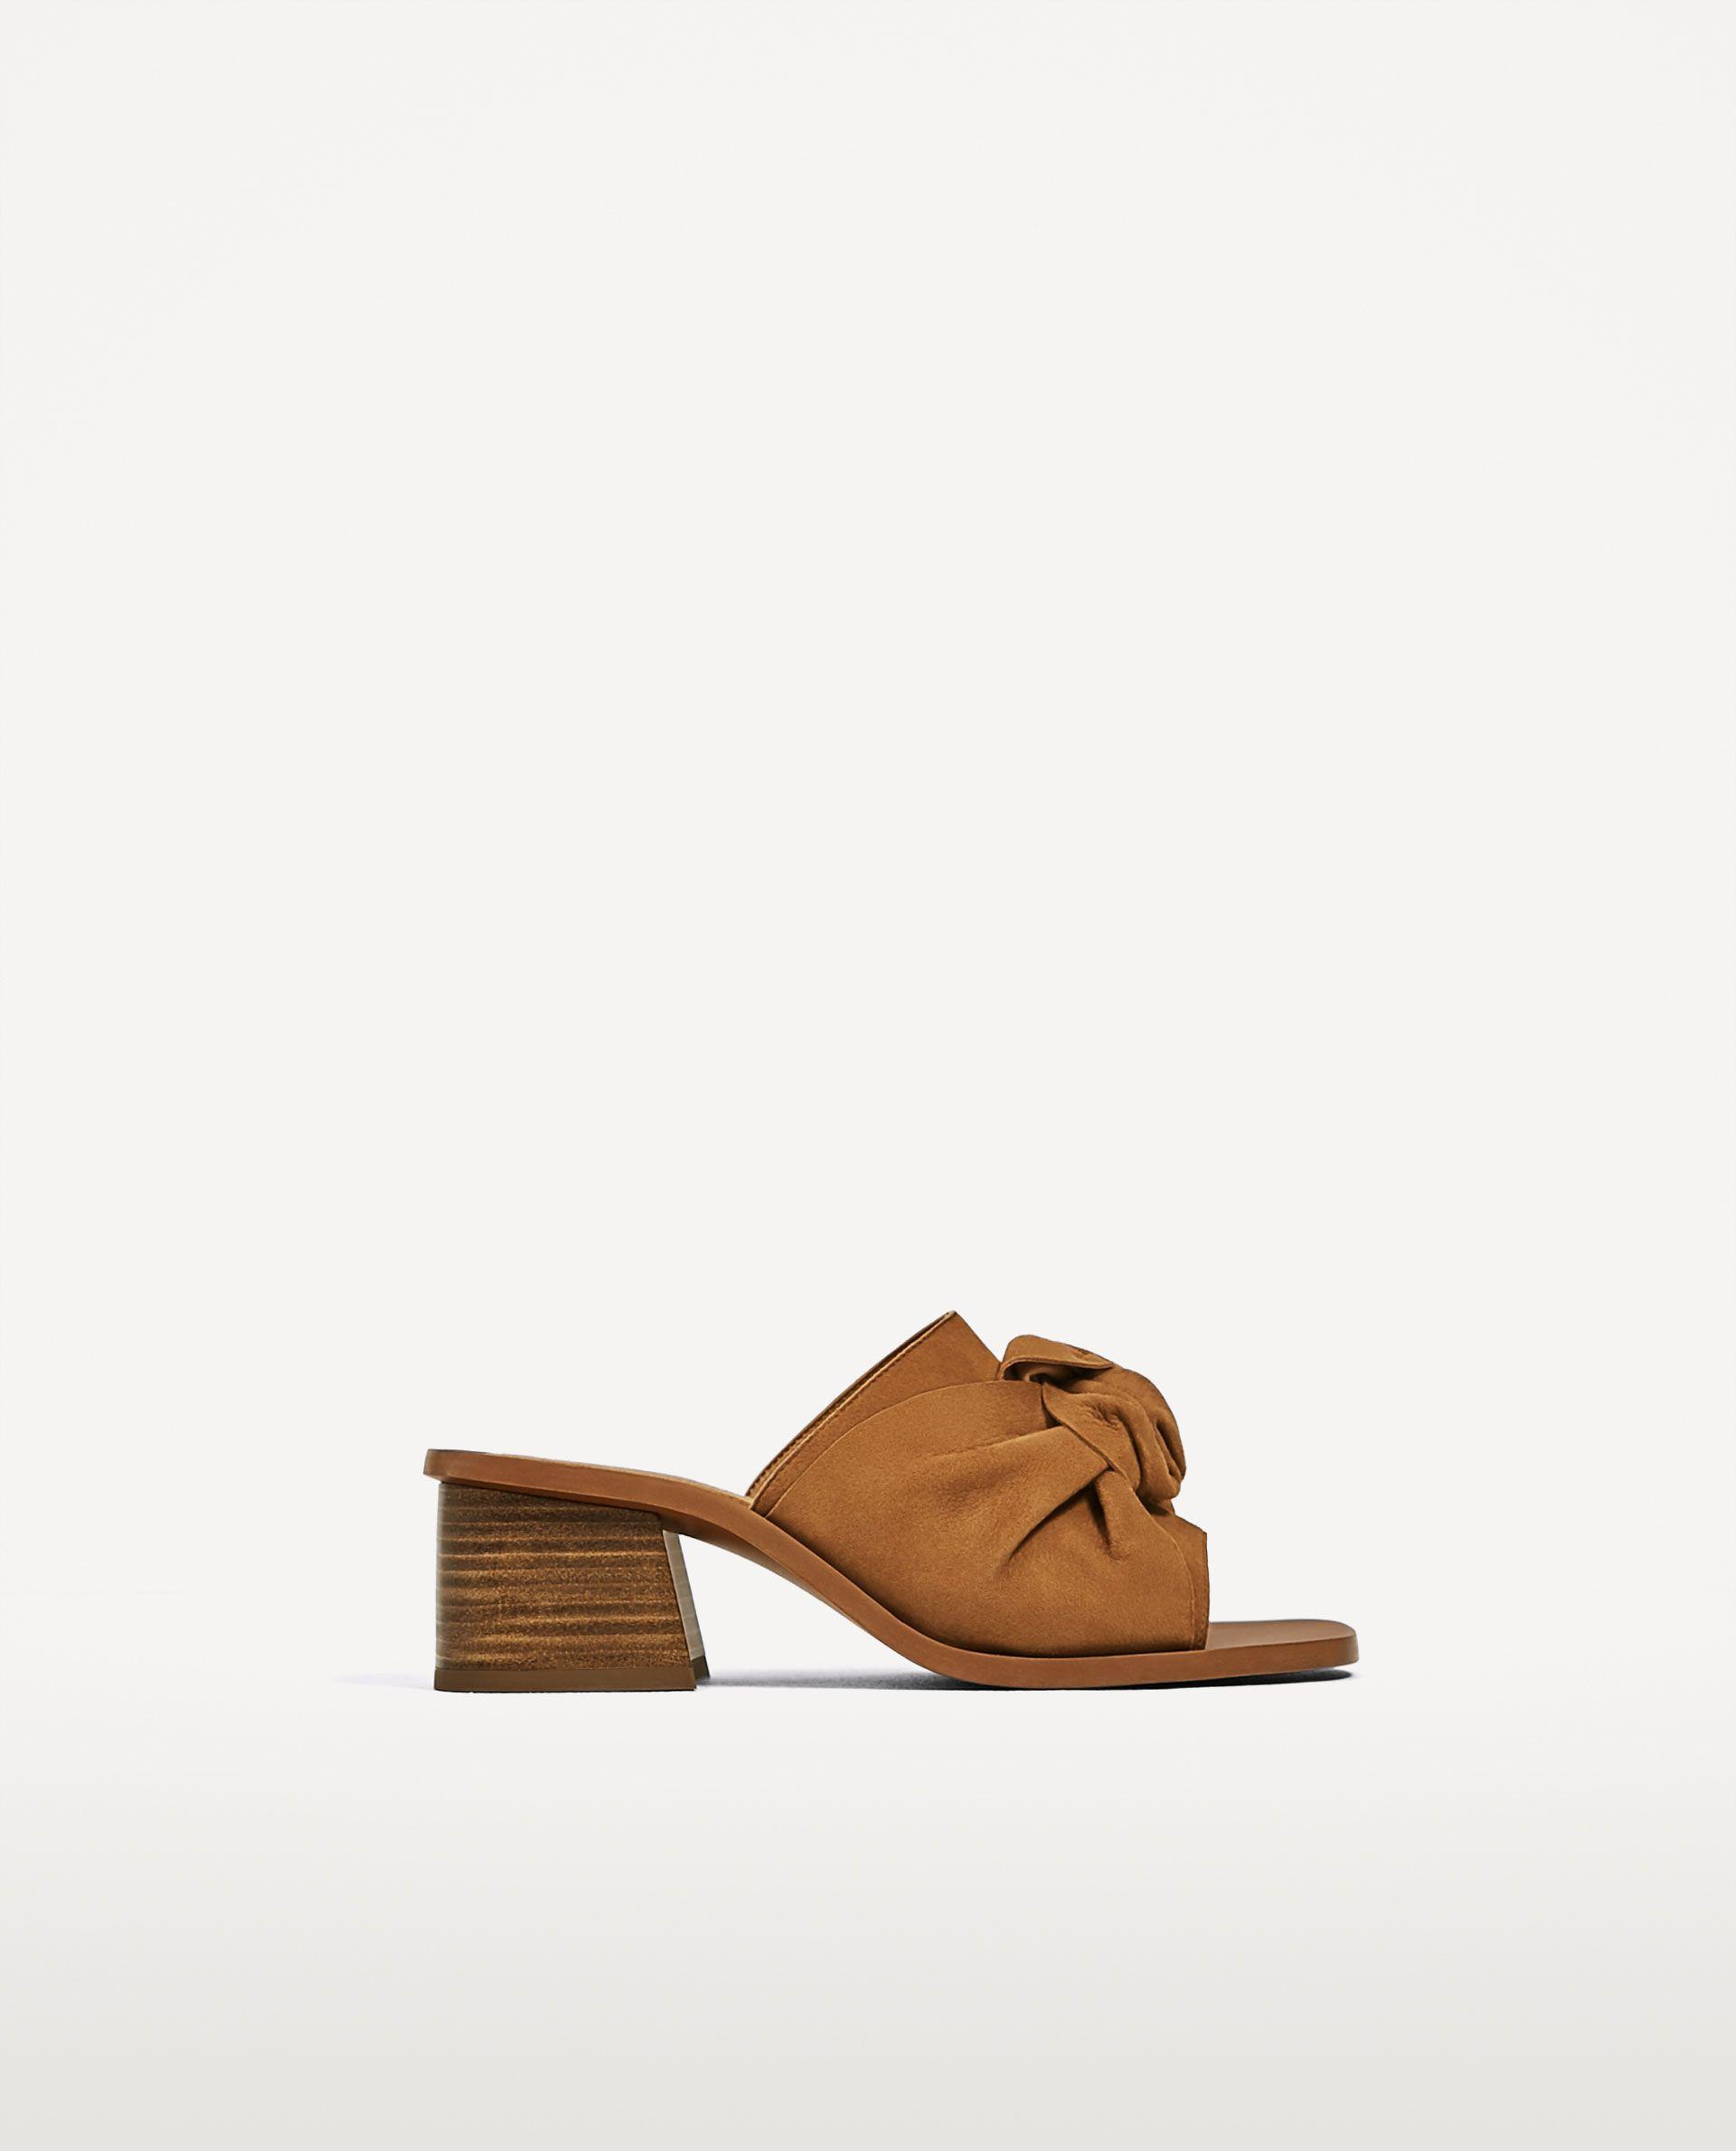 Zapato Piel Imagen Detalonado Zara Nudo Tacón 2 Sales Ss17 De HIHwqEx4nO